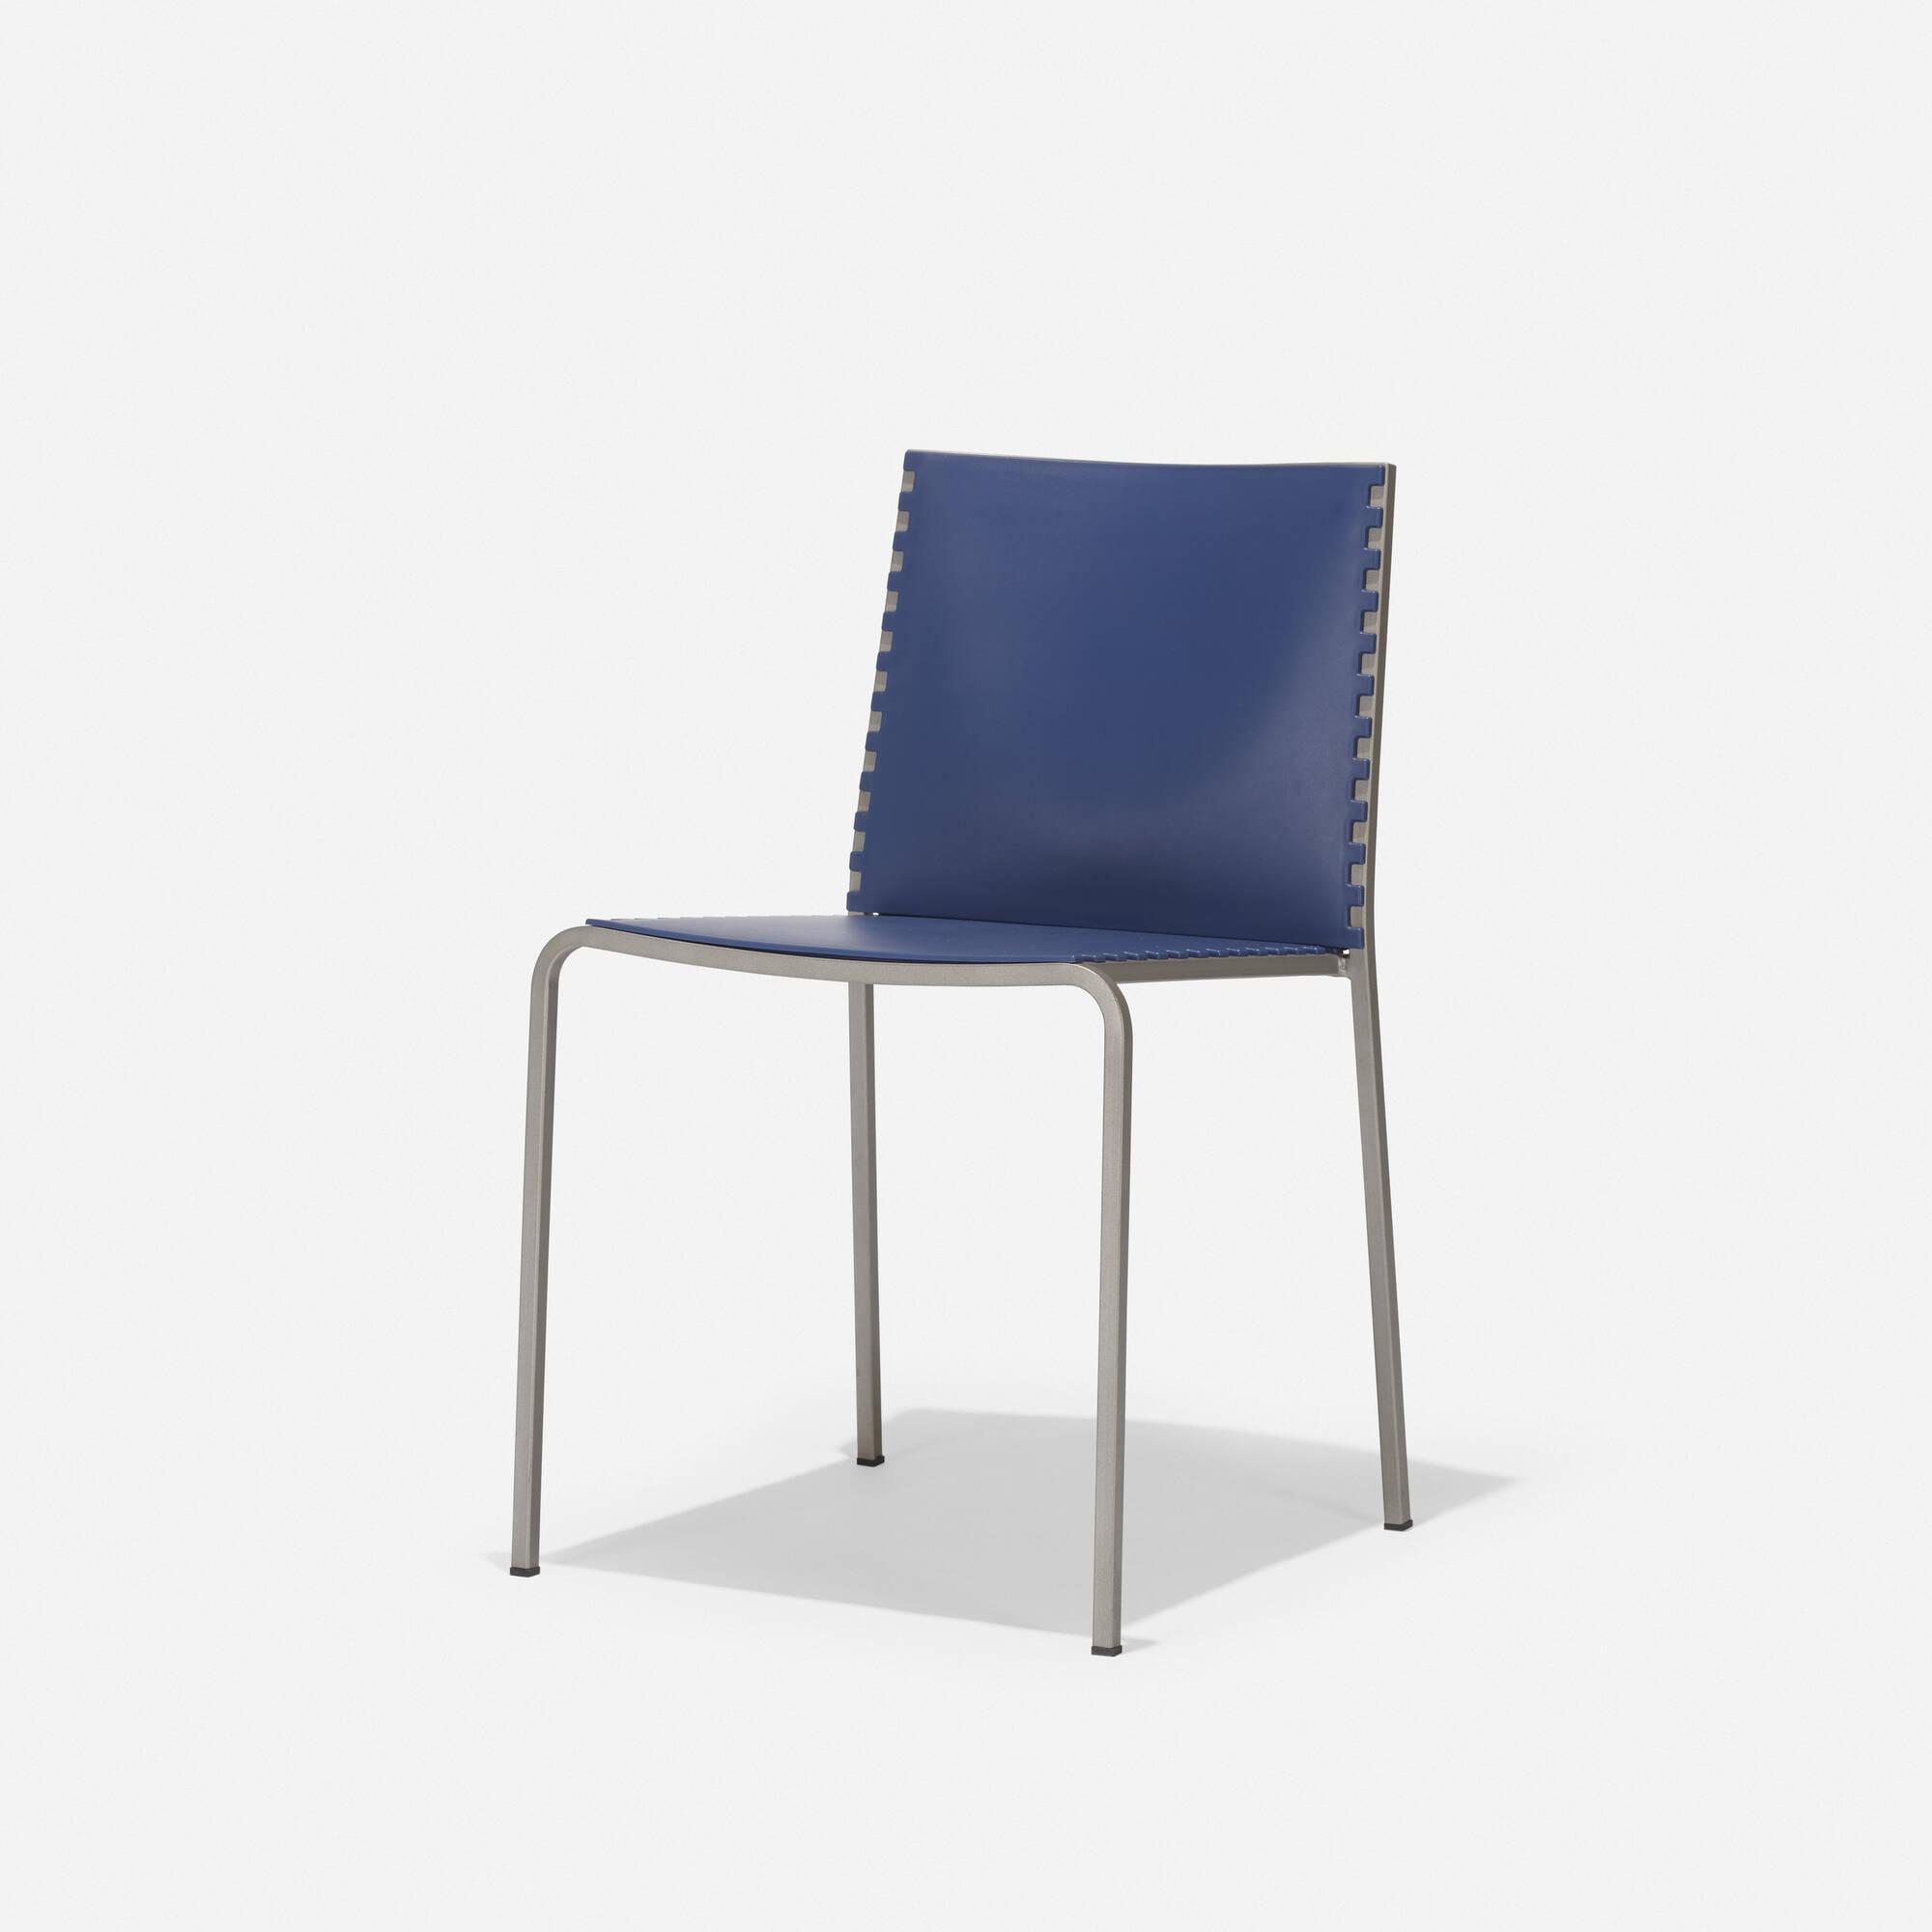 187: Marco Maran / Zip chair (1 of 4)